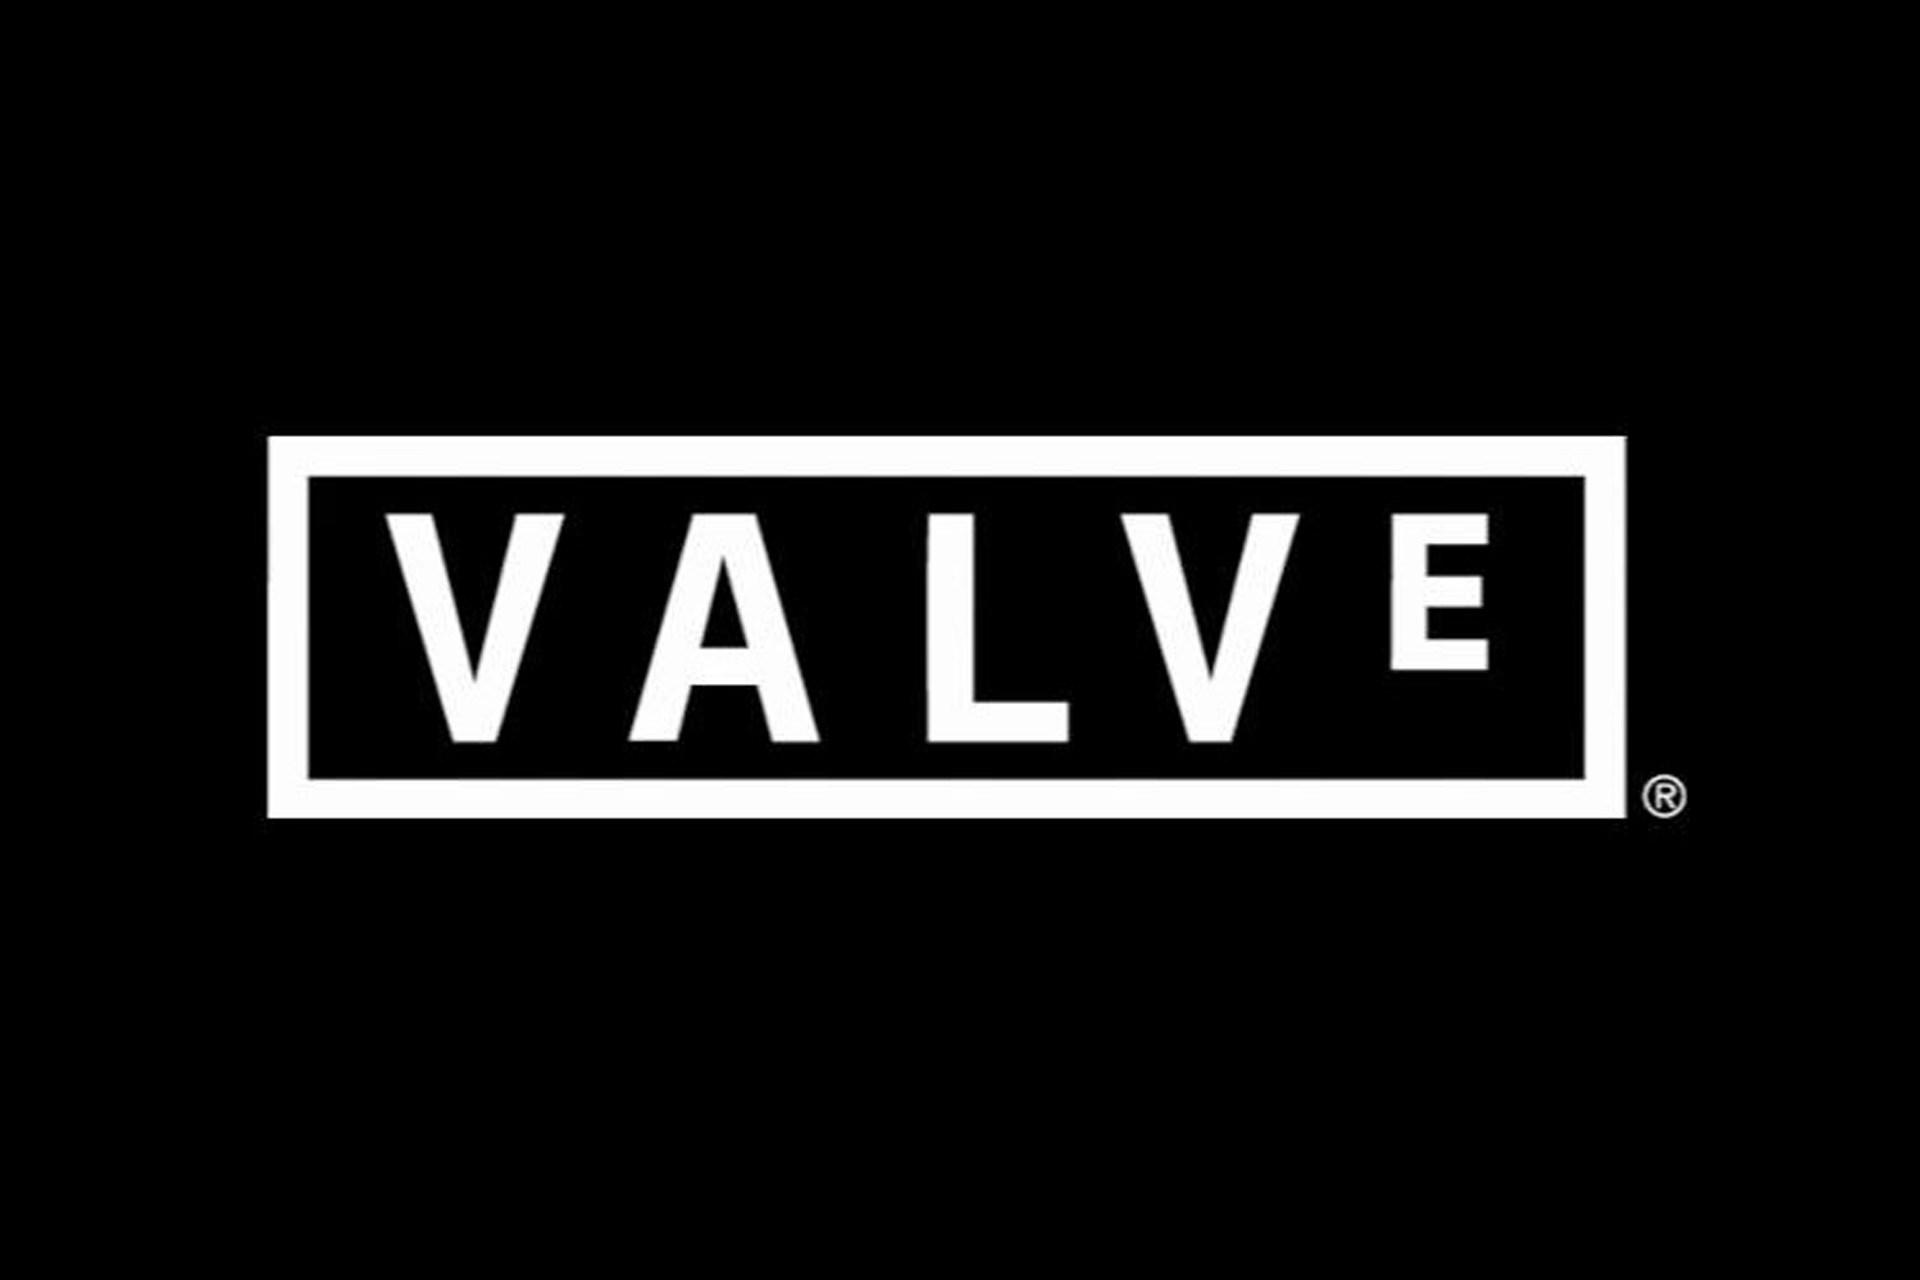 Resultado de imagen para valve